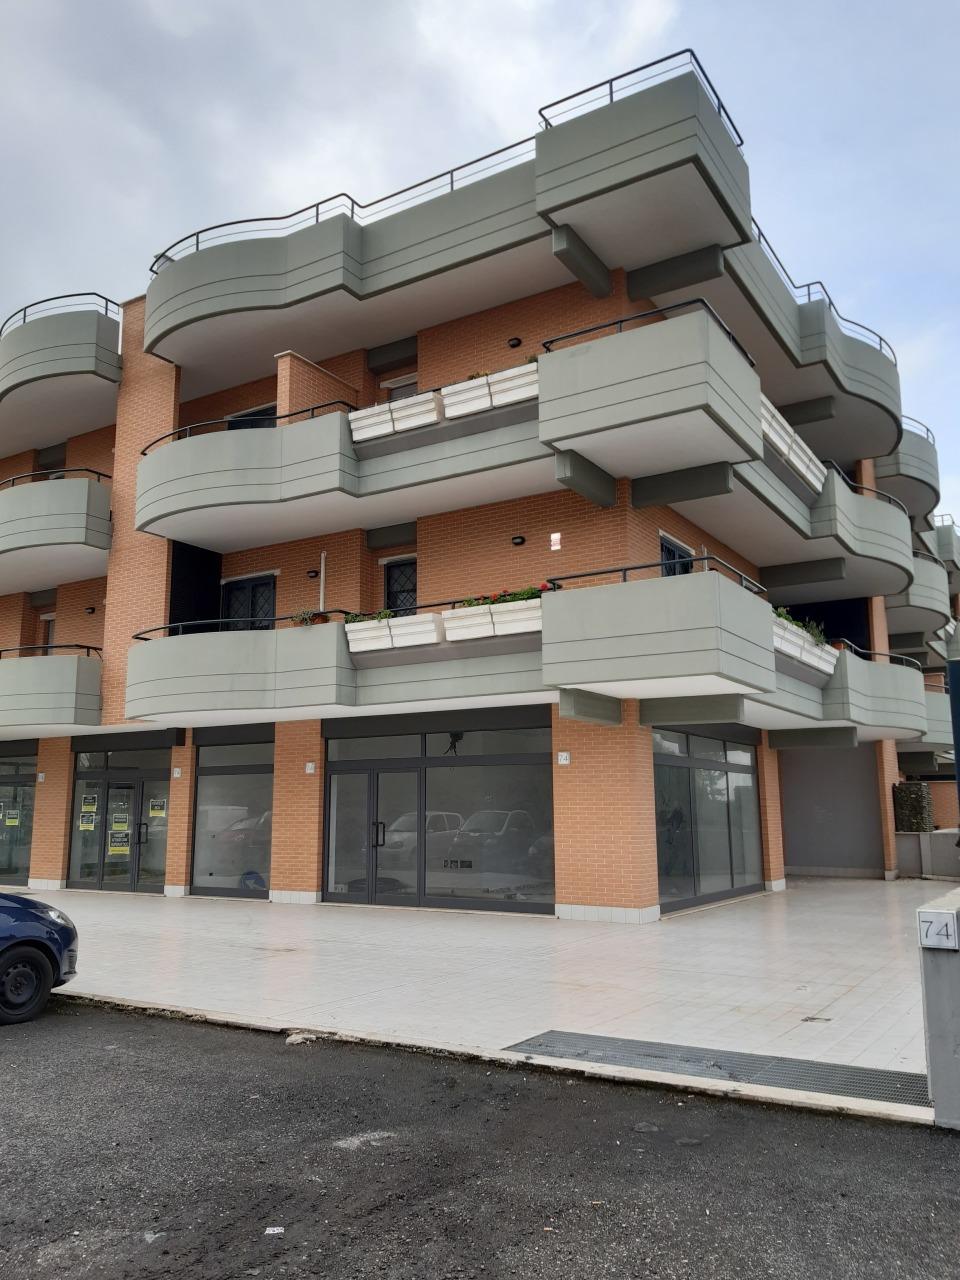 Locale commerciale - 3 Vetrine a Roma Rif. 12283496